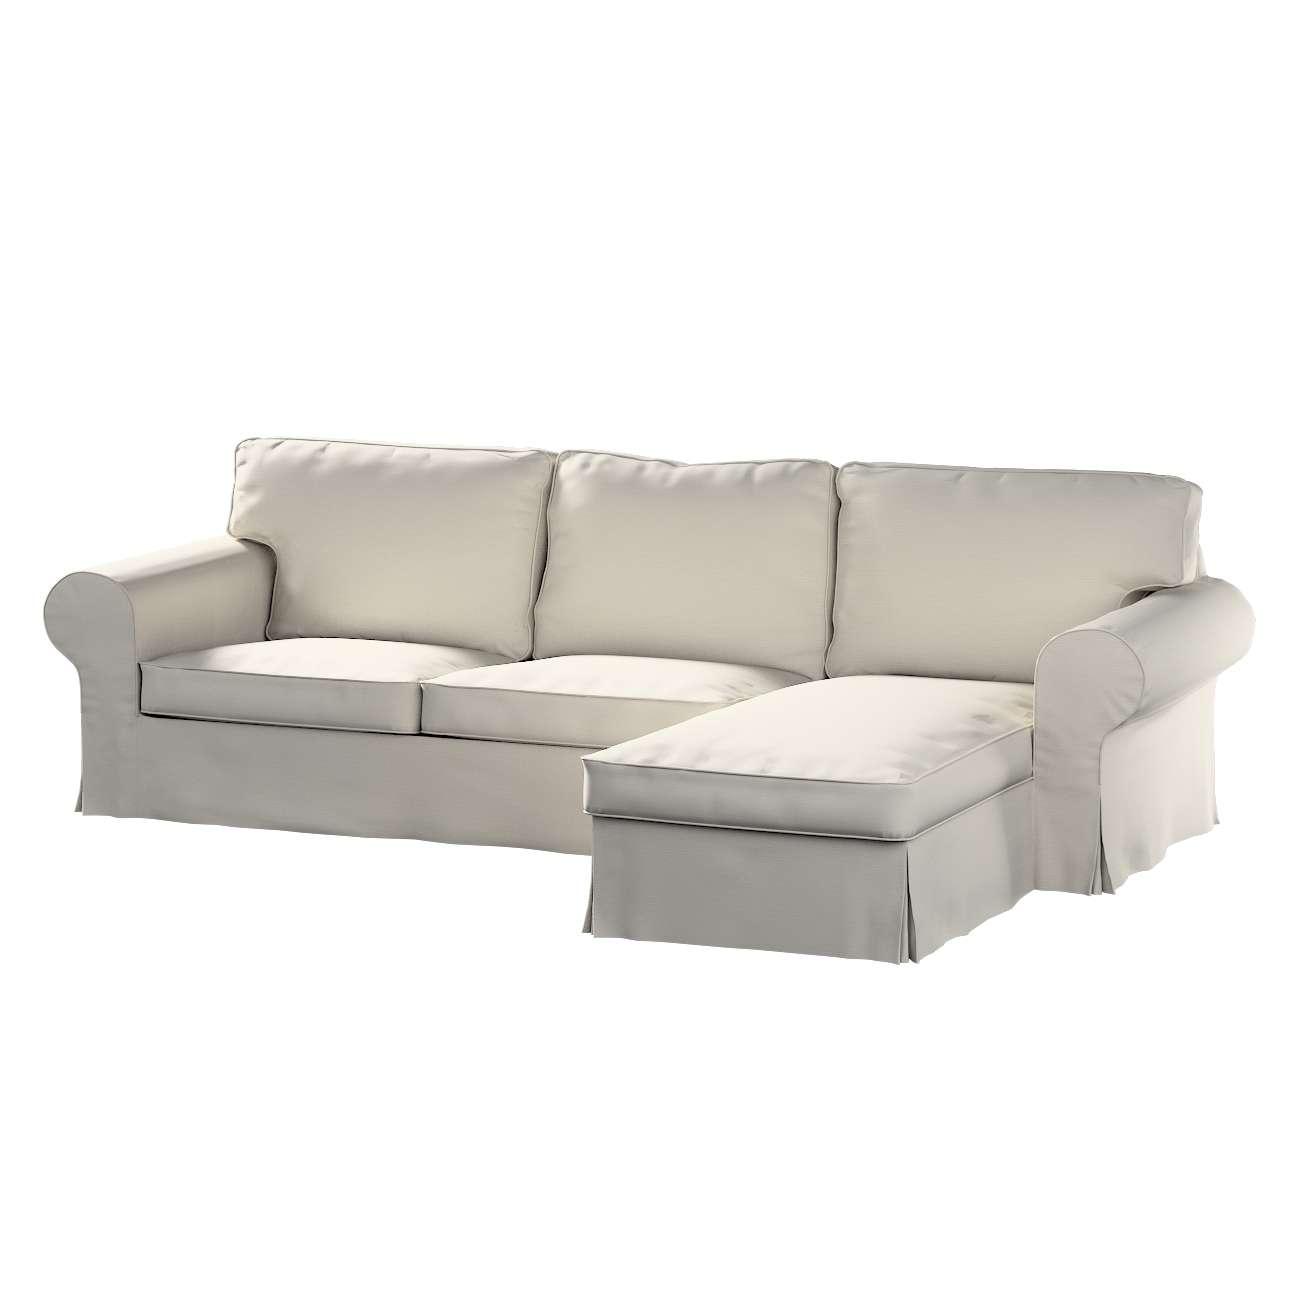 Pokrowiec na sofę Ektorp 2-osobową i leżankę w kolekcji Cotton Panama, tkanina: 702-31